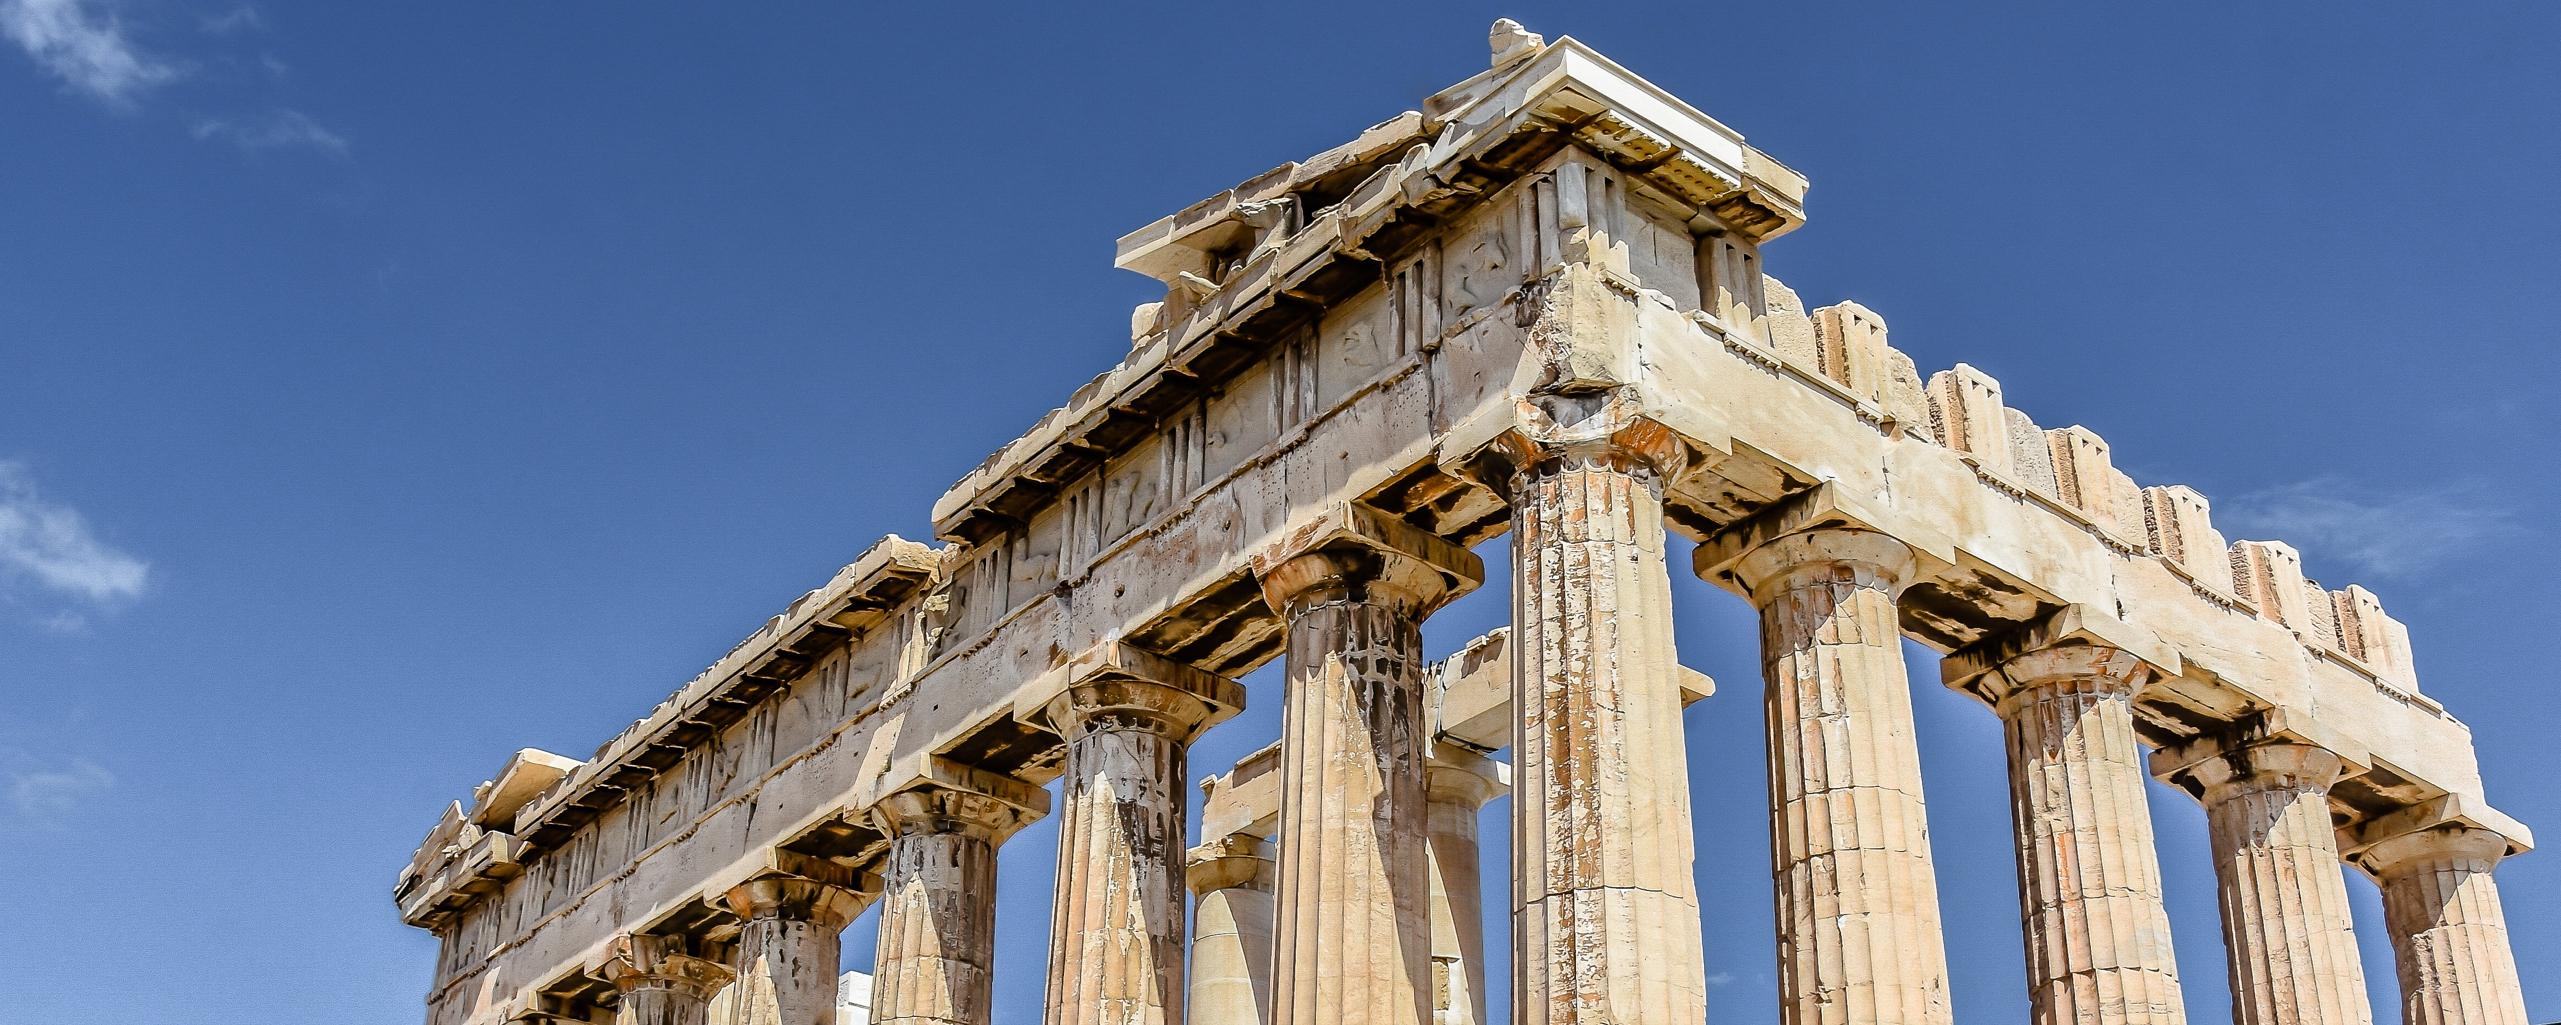 Ausbildung, Qualifizierung, Energieeffizienz, Klimaschutz, Griechenland, AHK, Außenhandelskammer, Akropolis, DIHK, EUKI, BMUB